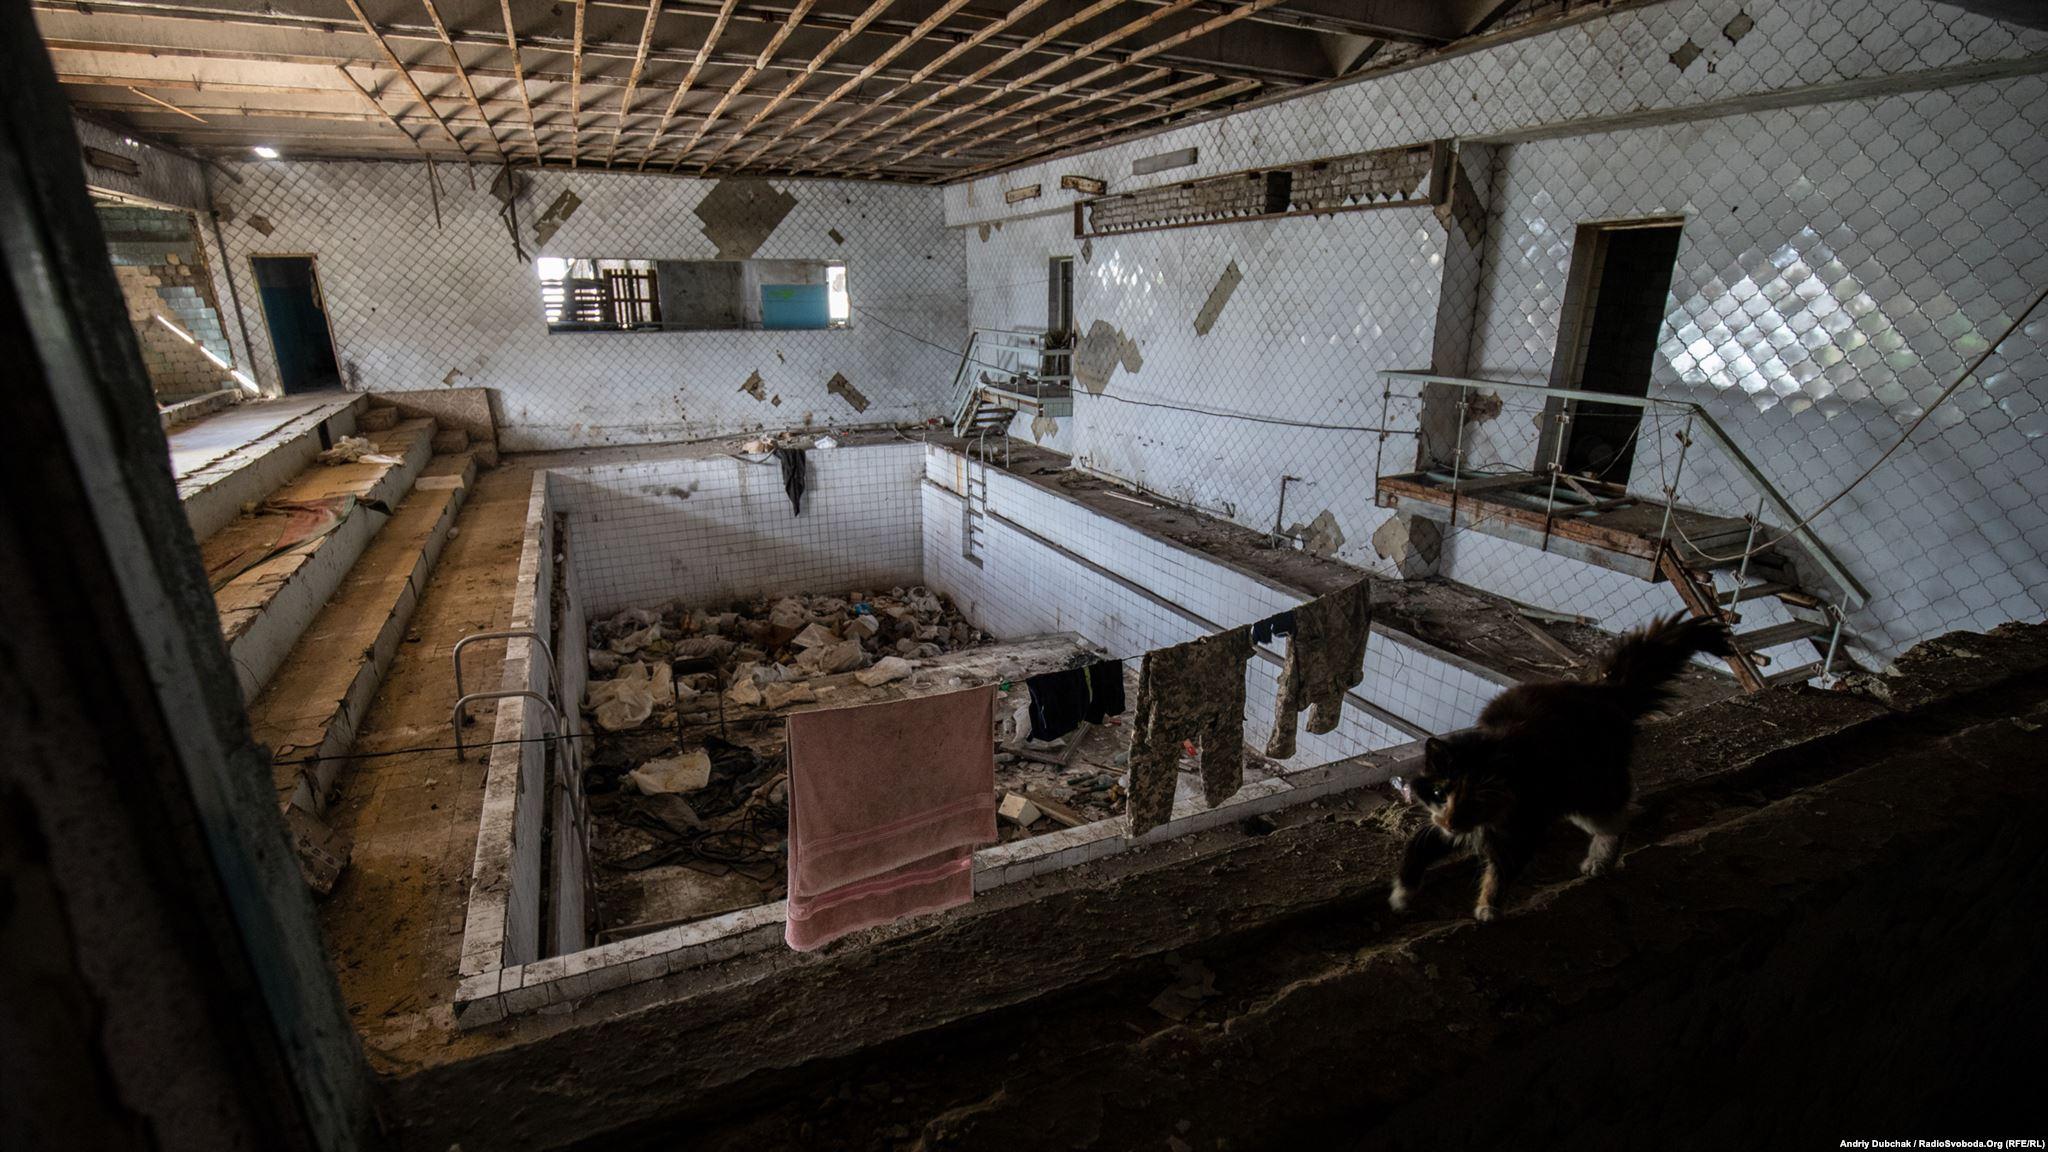 В одному з будинків – басейн. Військові використовують його для сушки одягу (фотограф Андрей Дубчак / Andriy Dubchak)